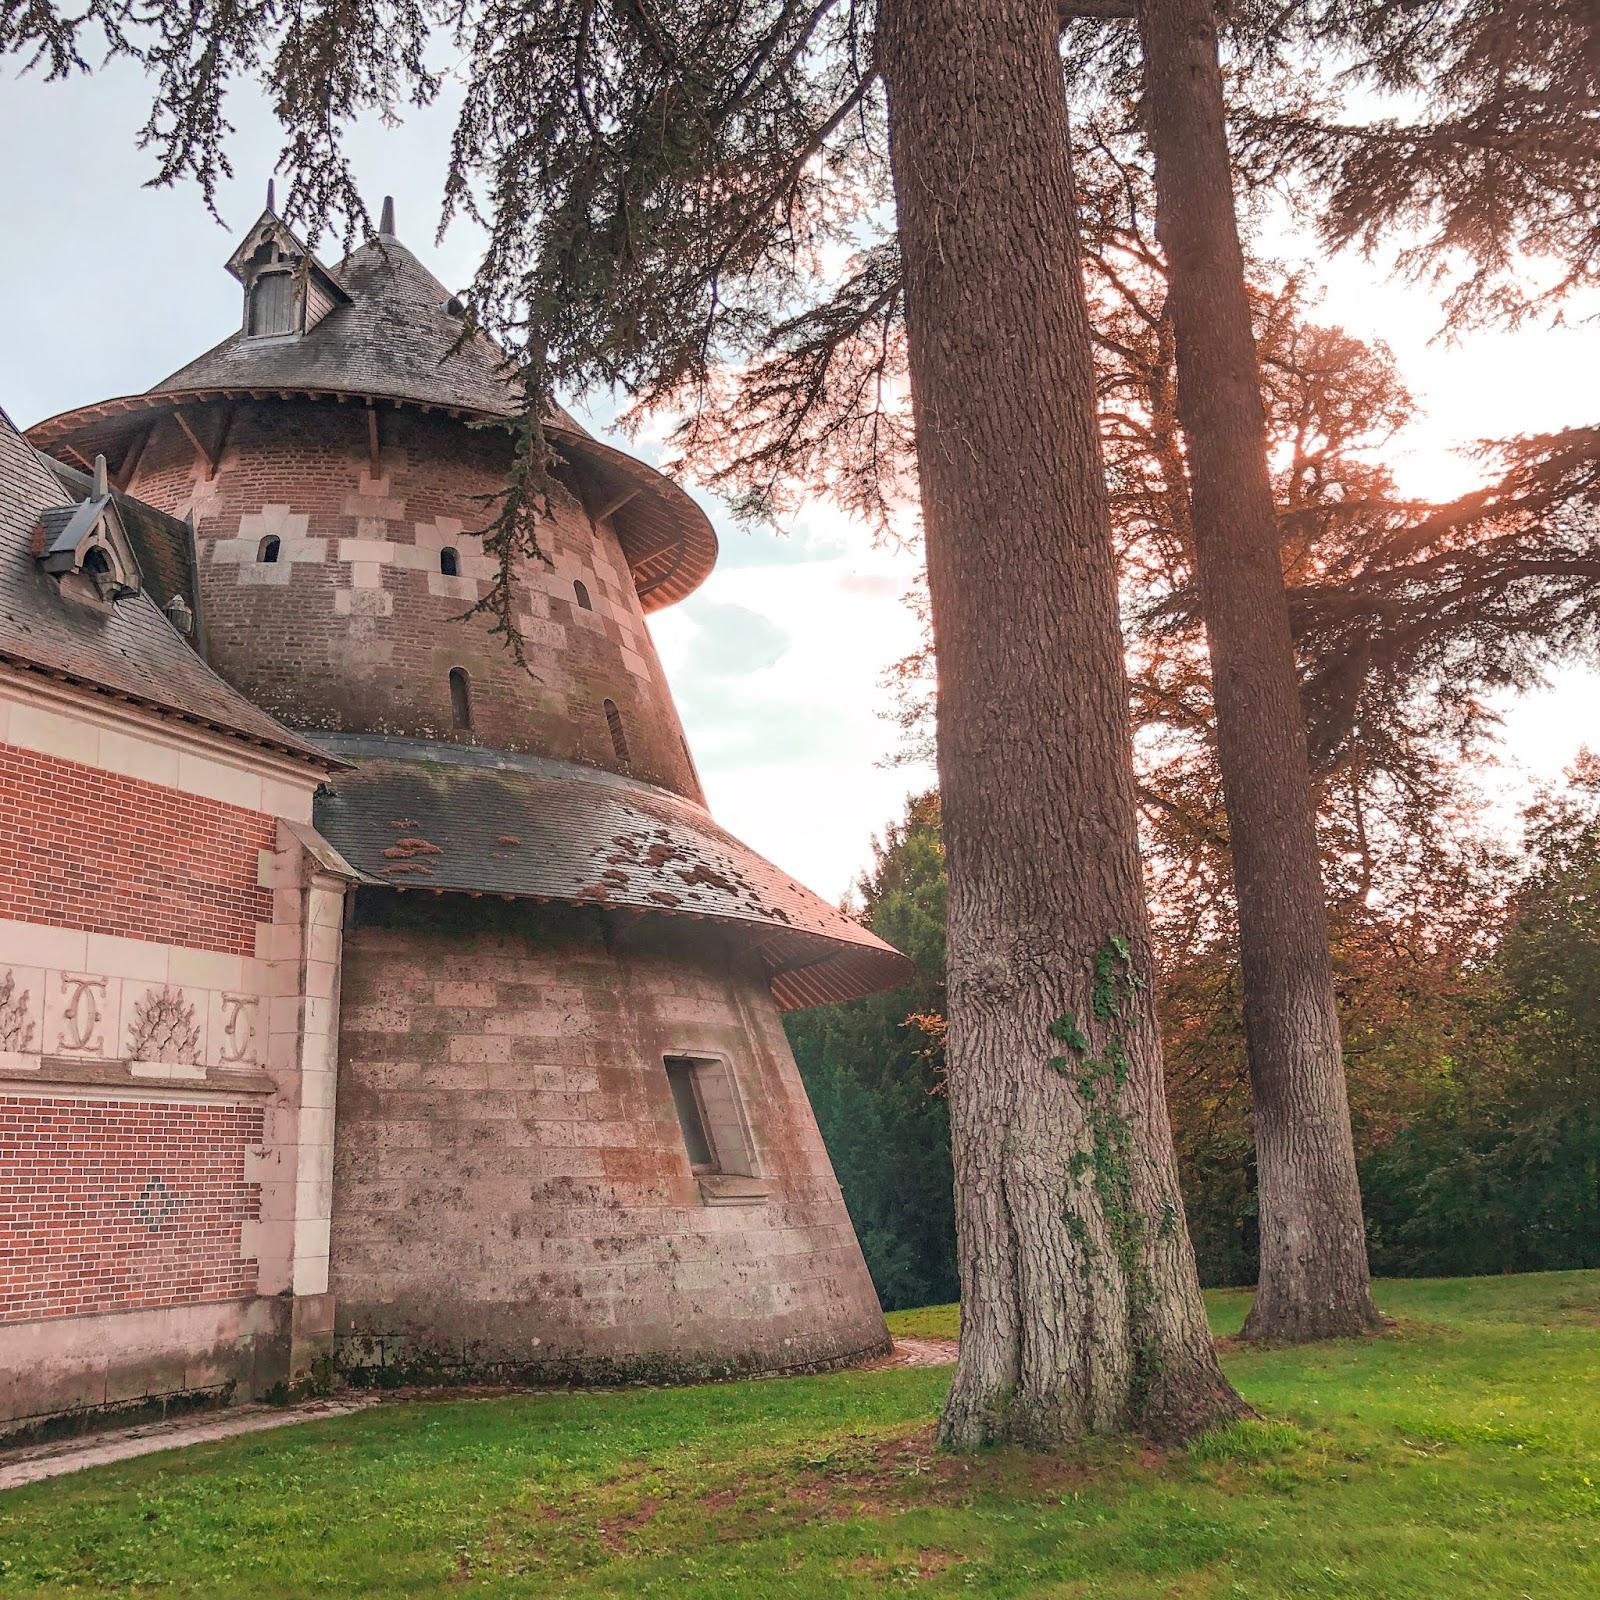 The New Blacck - Orléans - Blog - Chaumont sur Loire - Extérieur - écuries